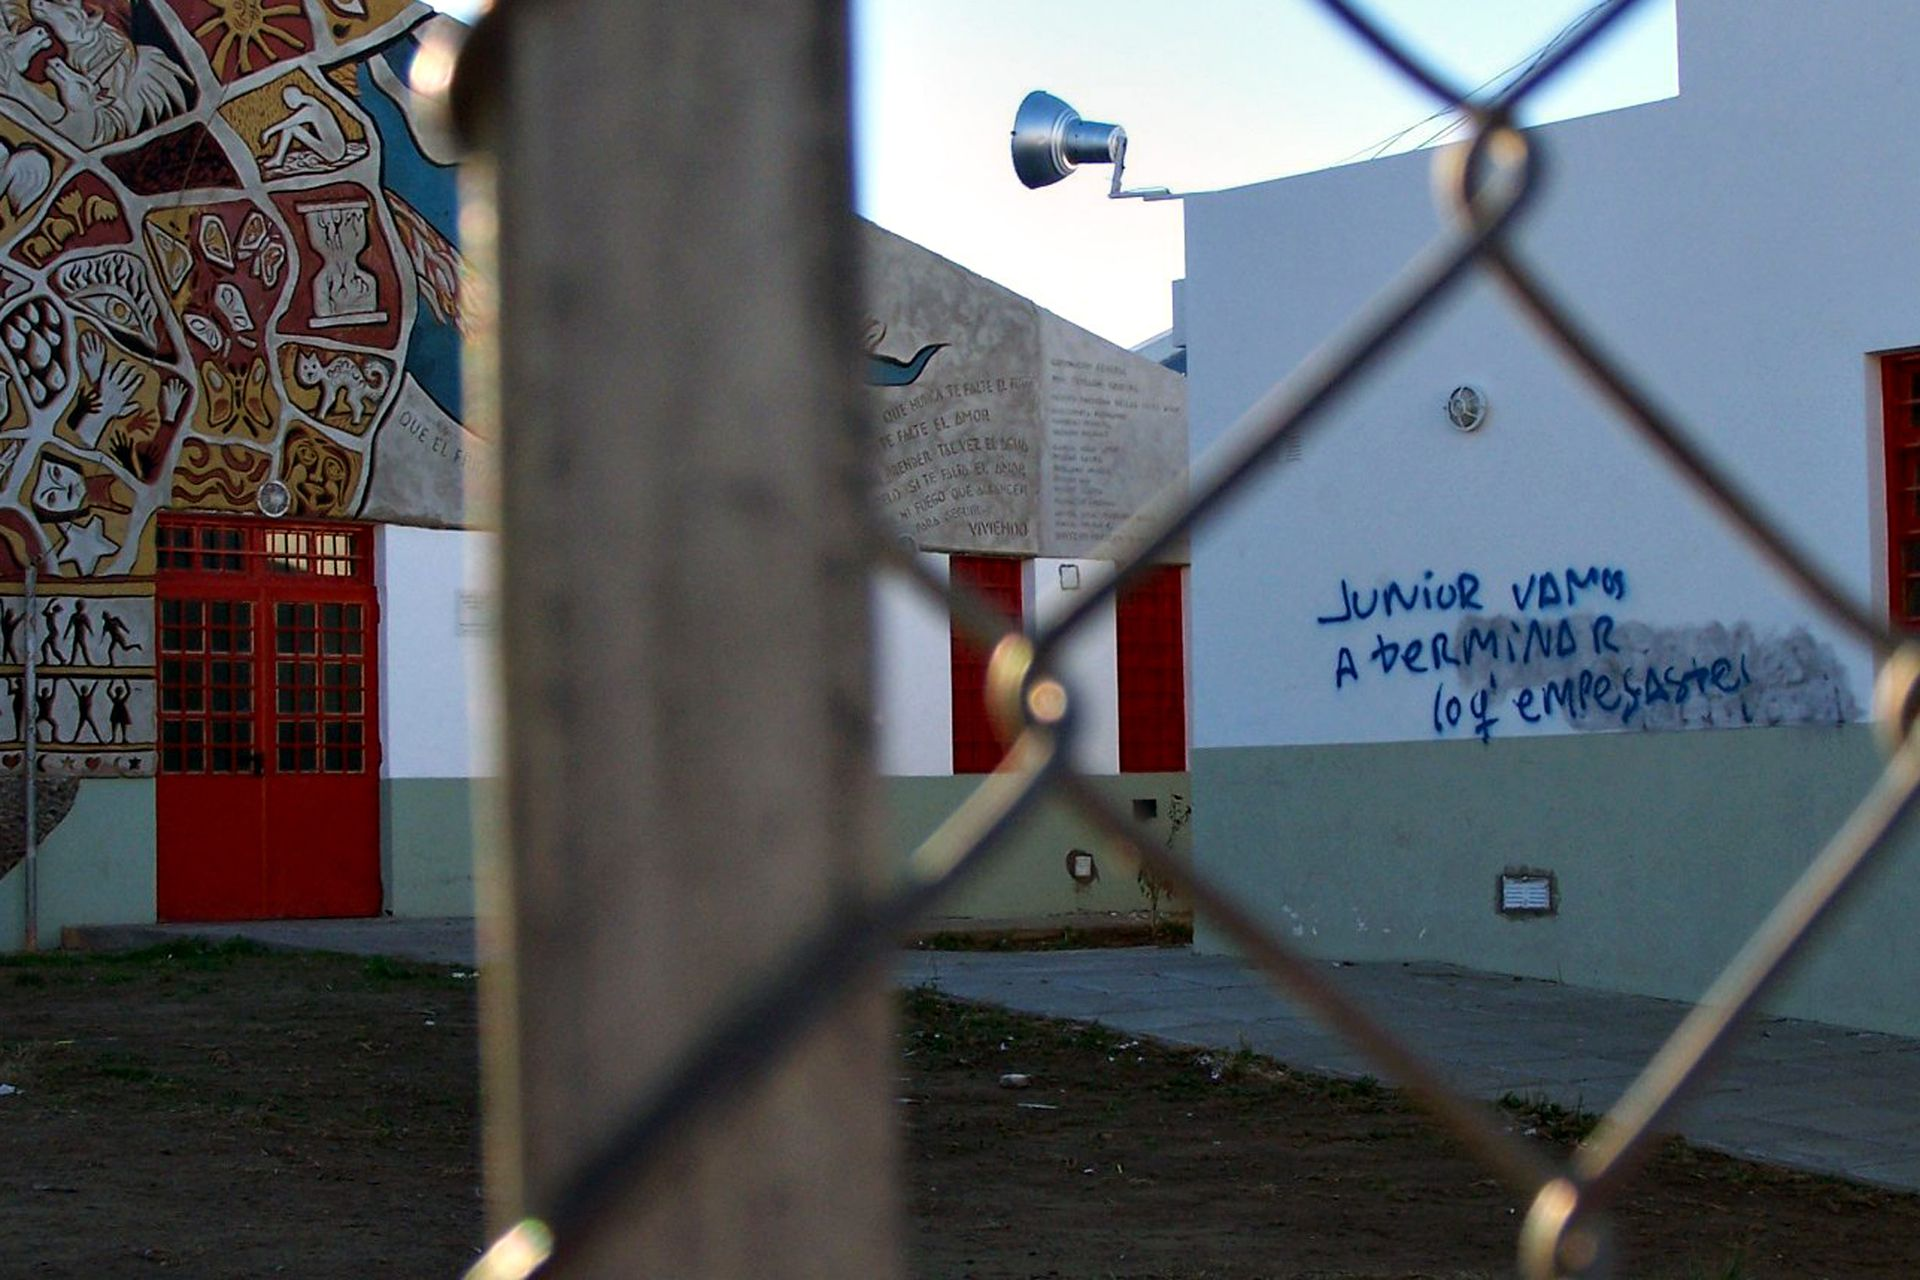 Pintadas en una de las paredes de la escuela